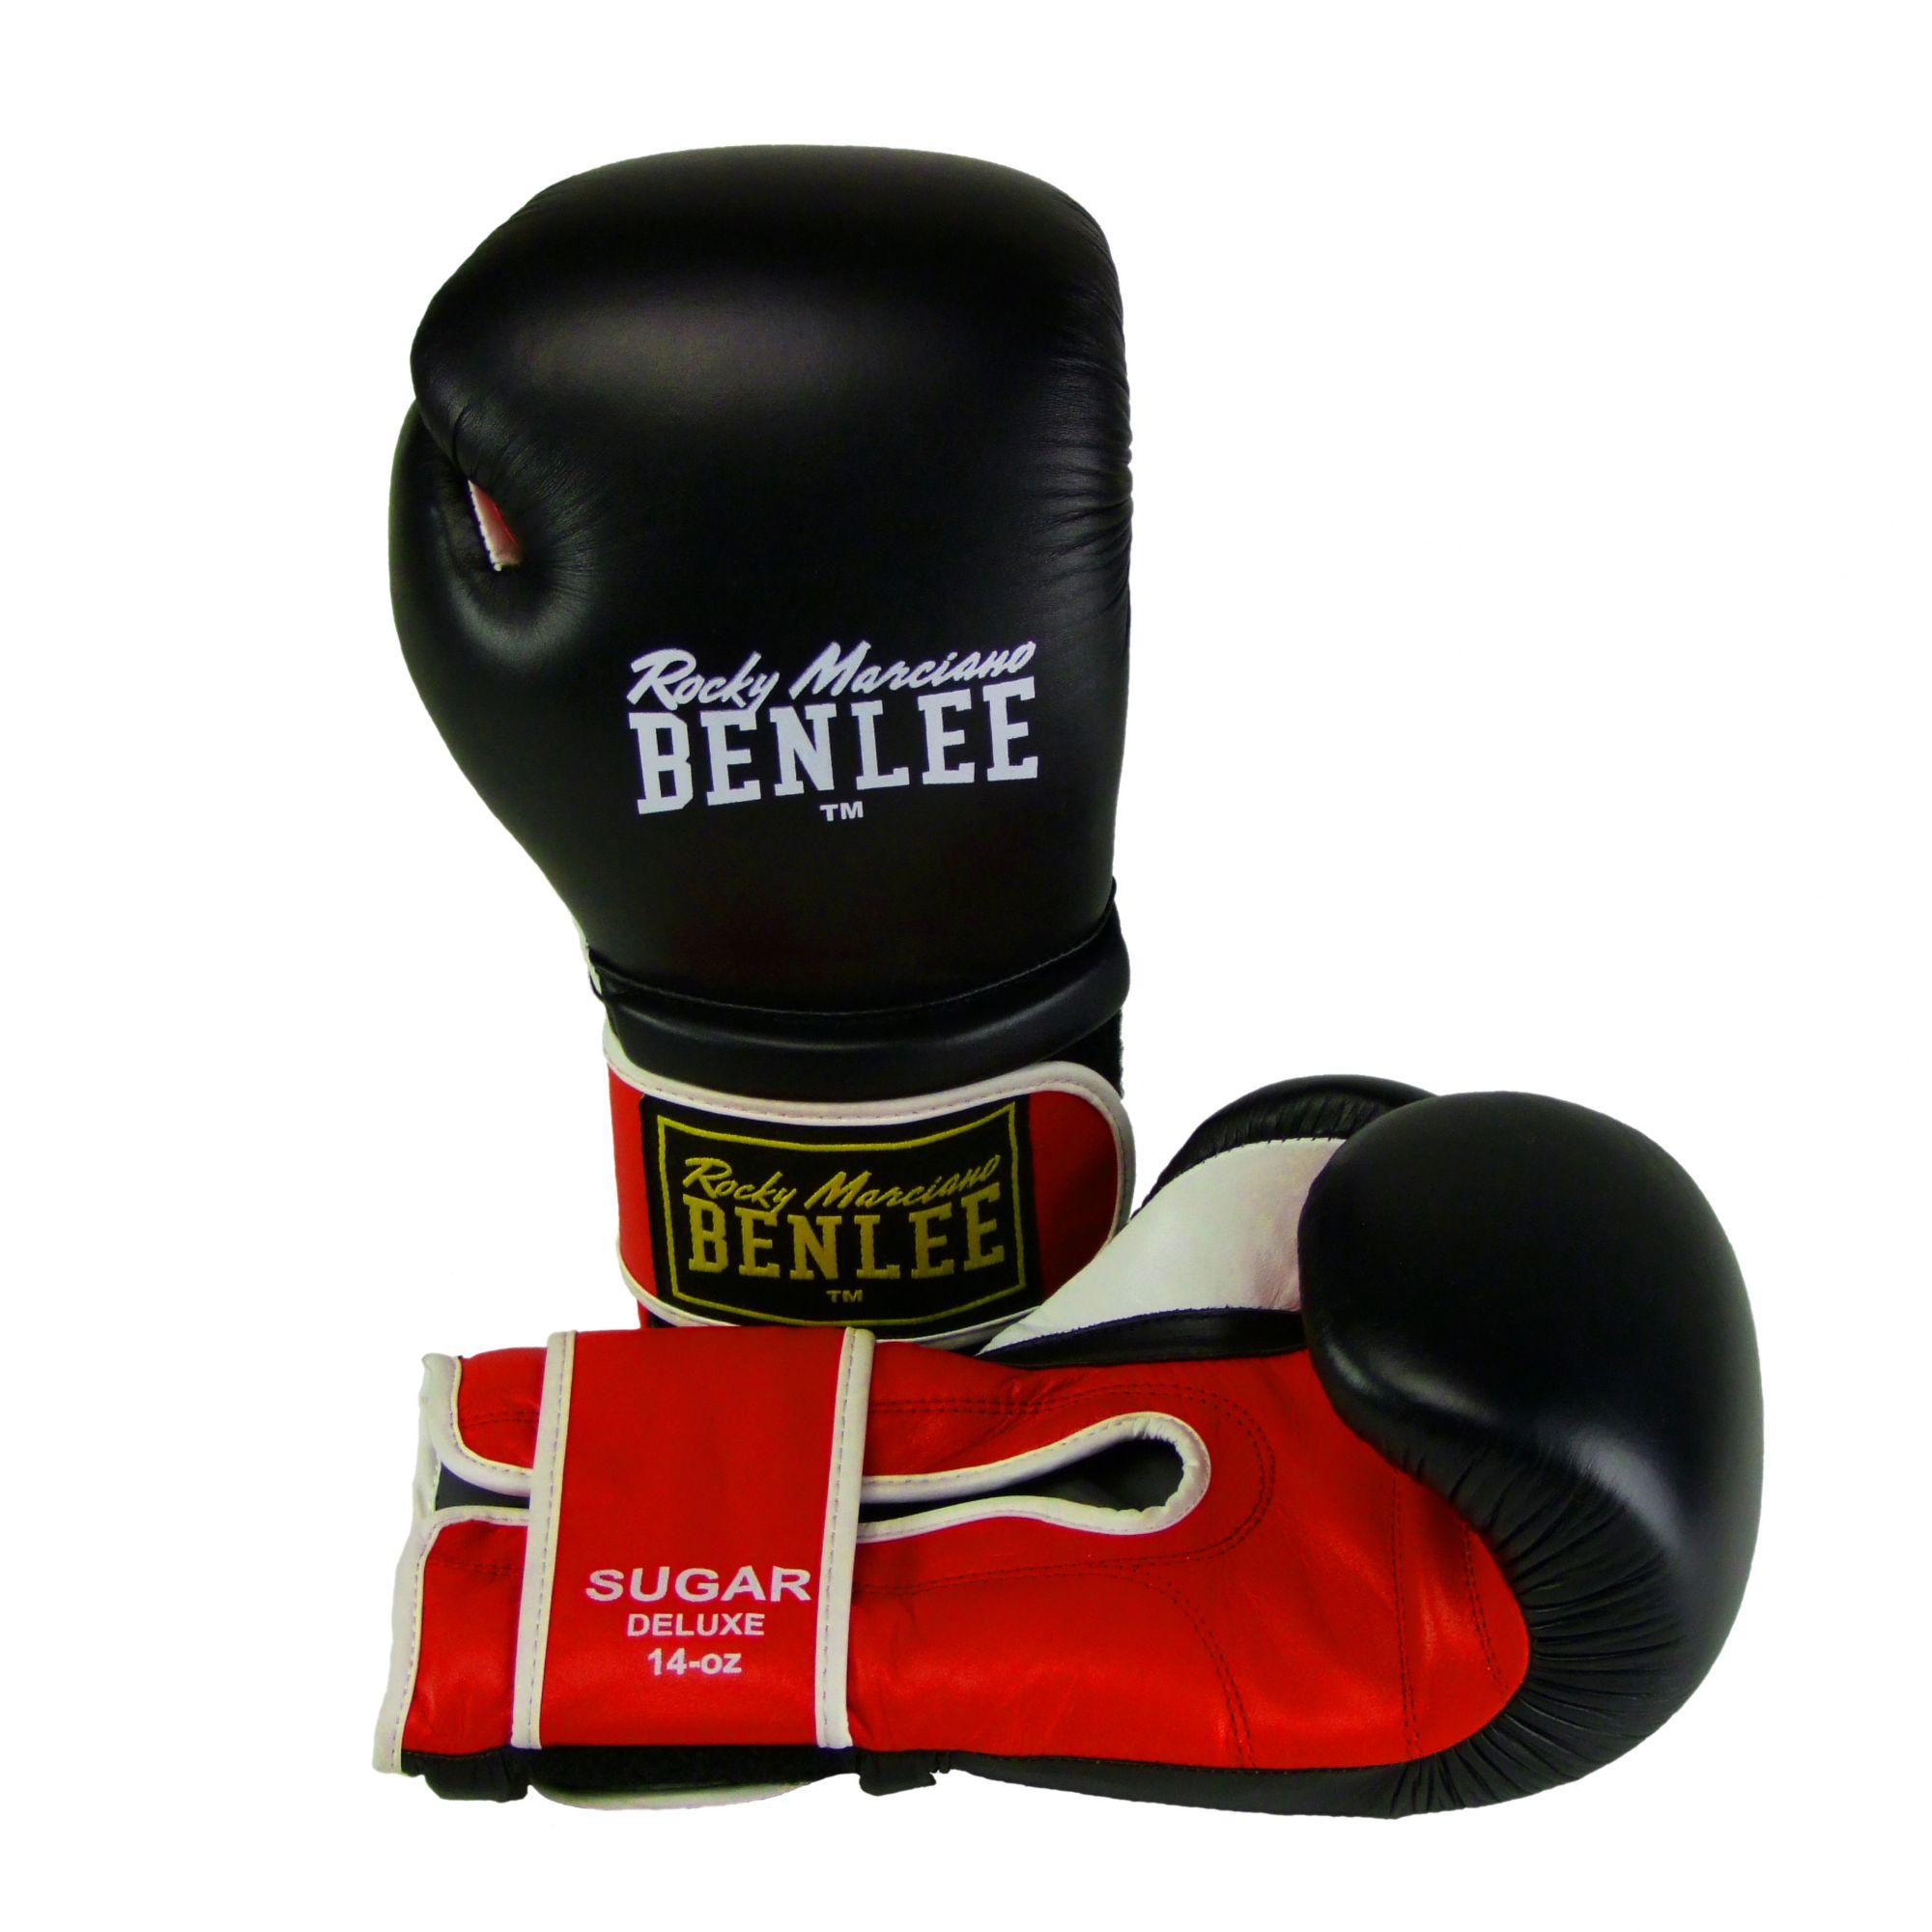 BENLEE ROCKY MARCIANO Benlee Rocky Marciano Benlee »SUGAR DELUXE«